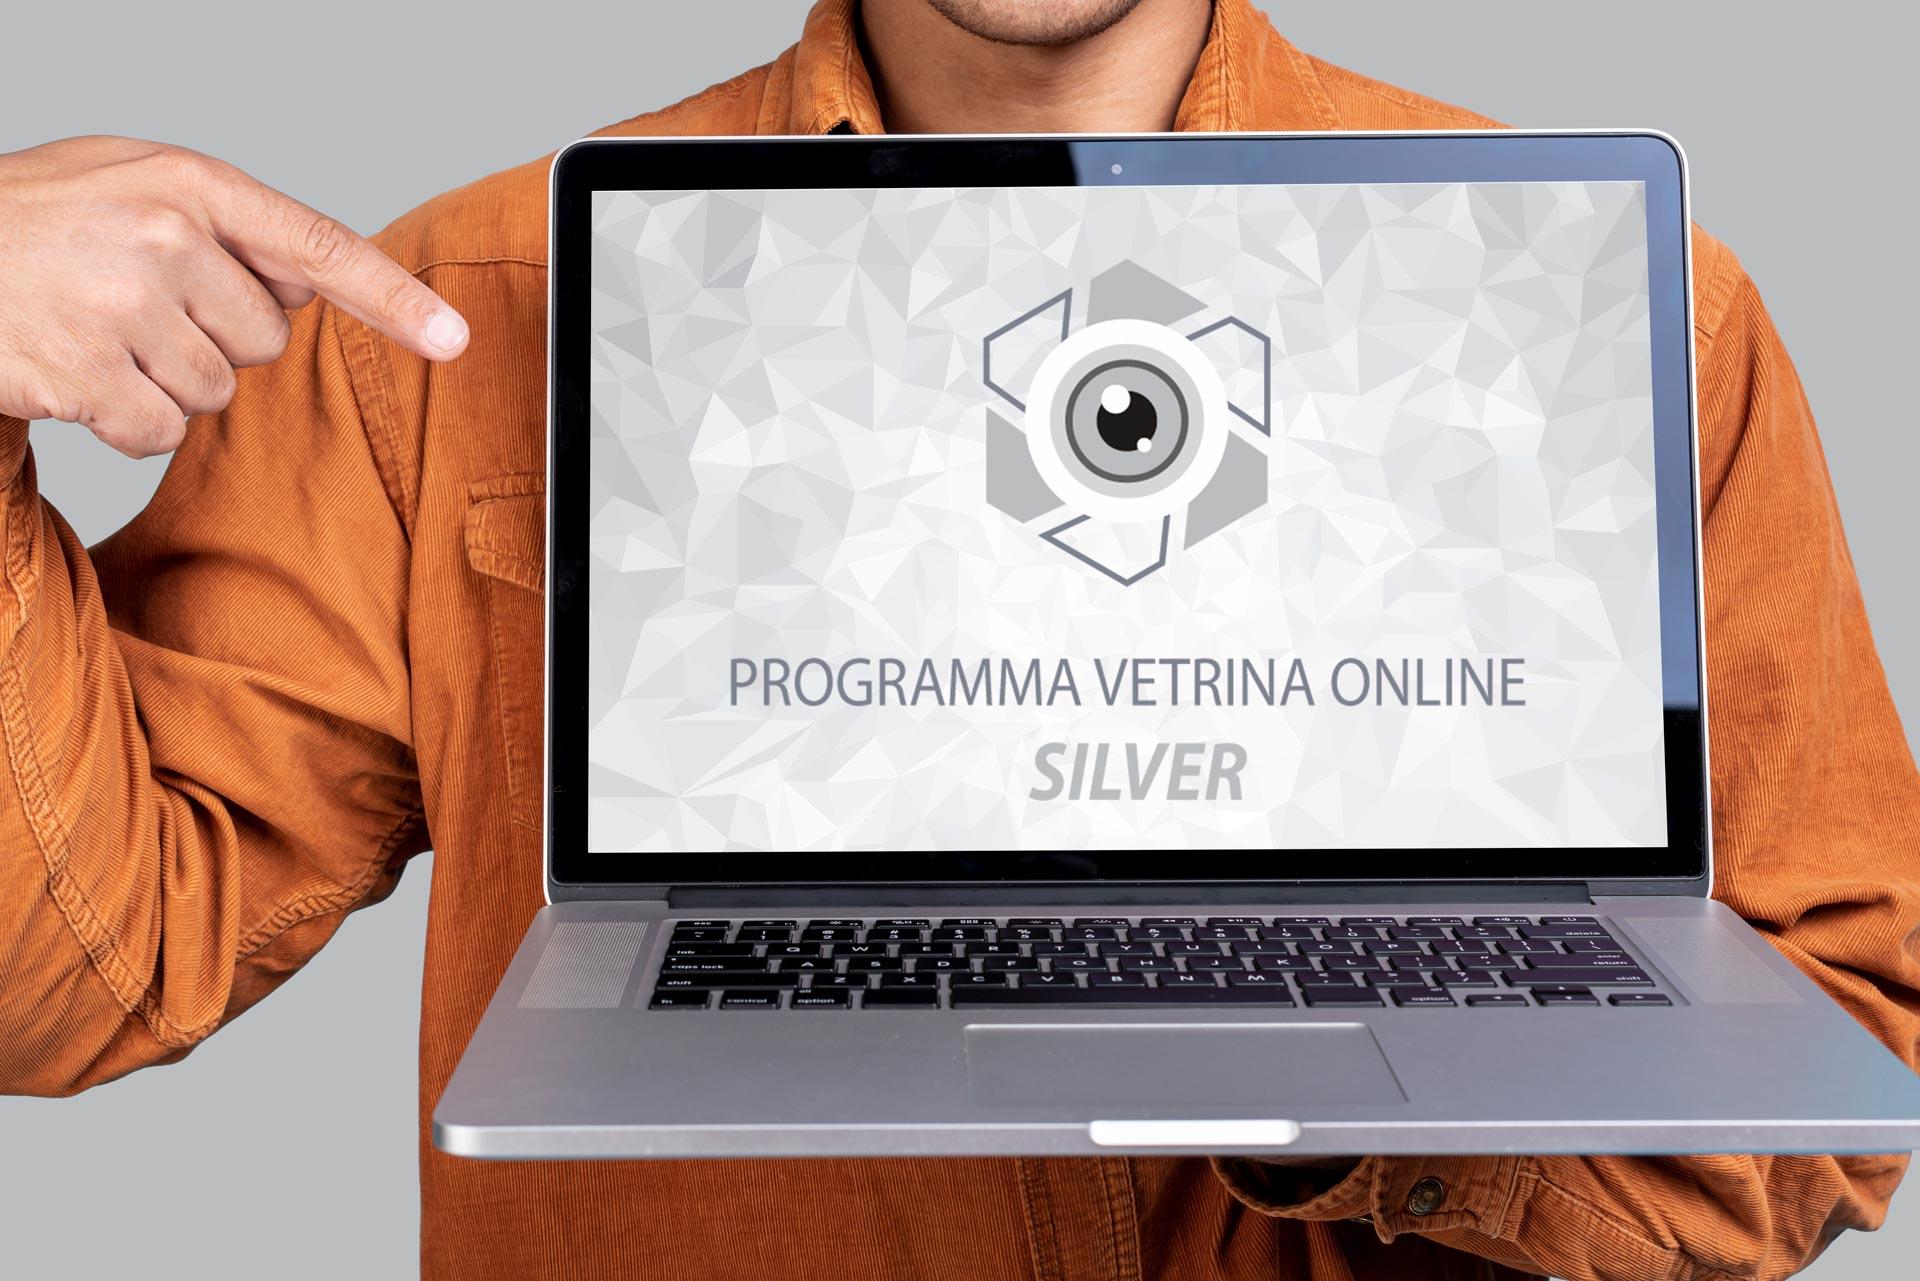 Programma-Vetrina--Online-SILVER